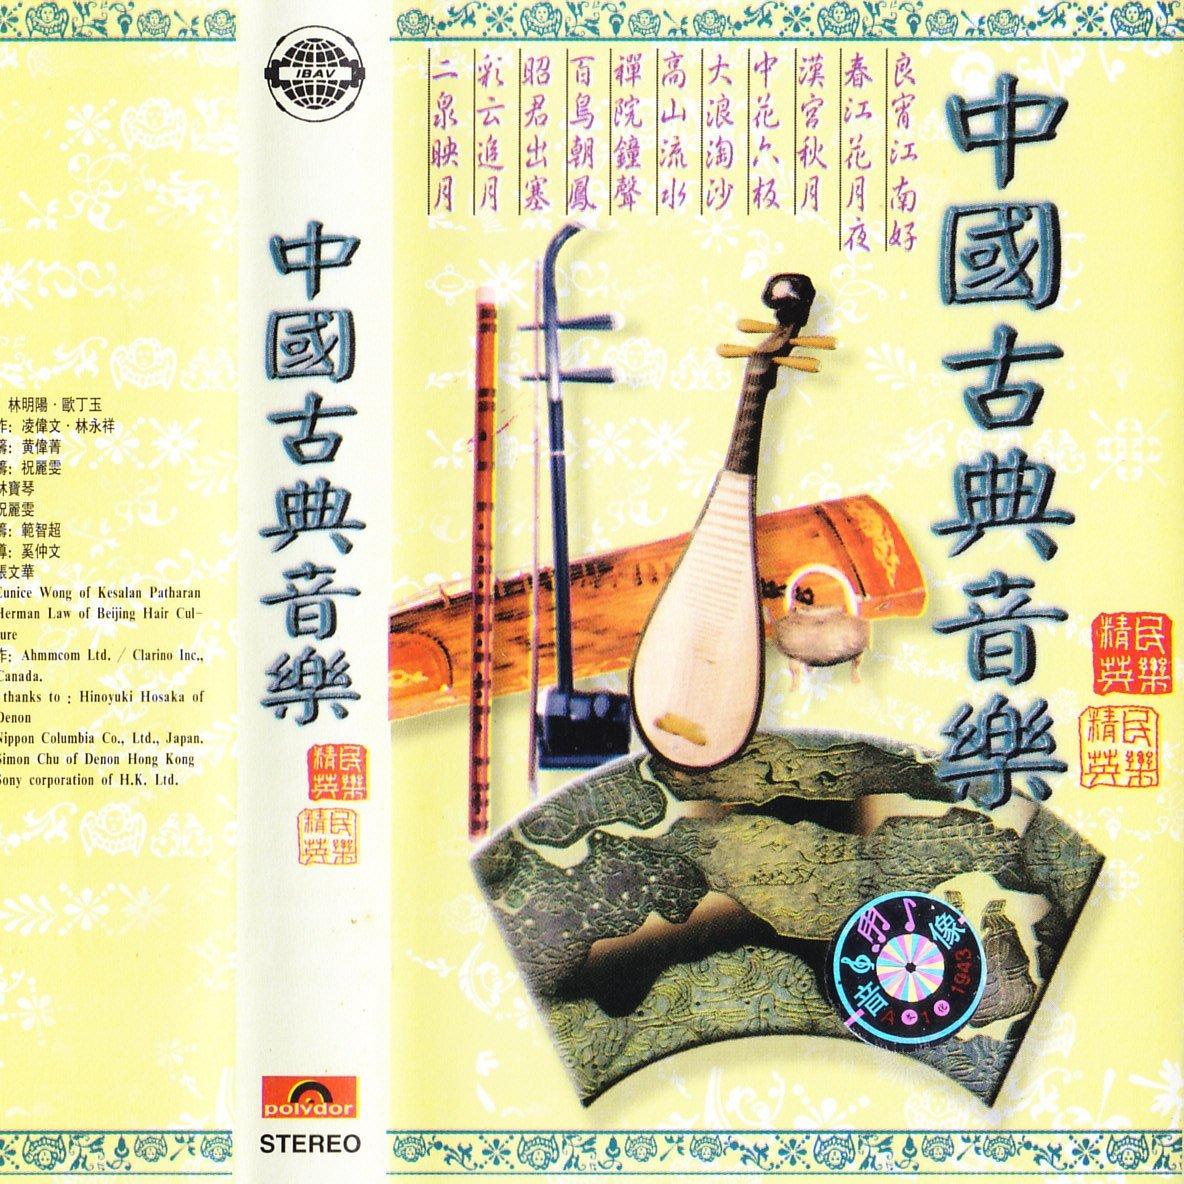 中国古典音乐/ Âm Nhạc Cổ Điển Trung Quốc (CD2) - Various Artists | Album 320  lossless